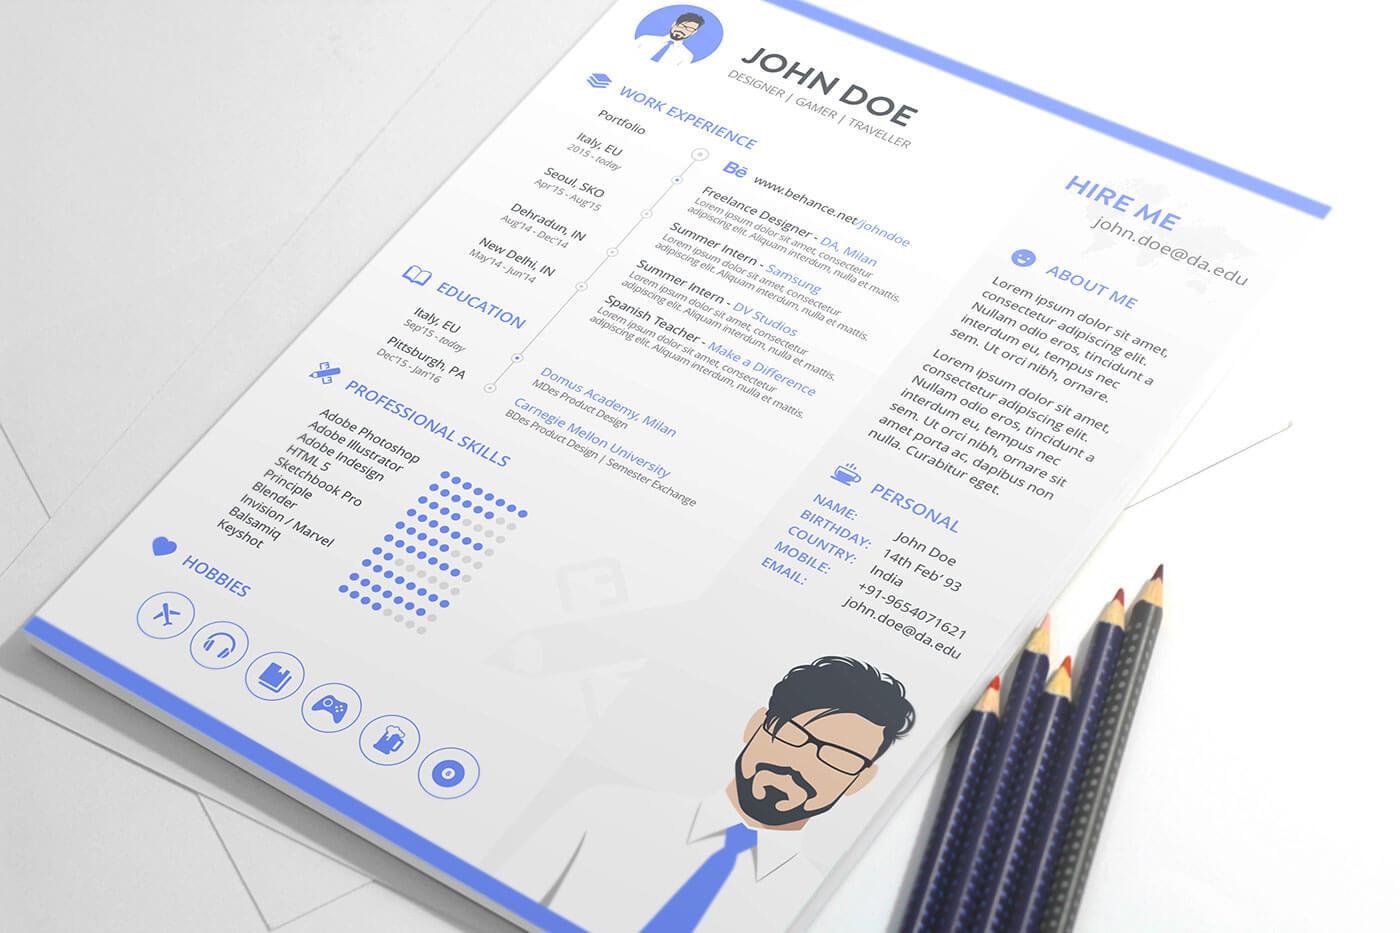 Hãy tạo một hồ sơ thật ấn tượng để gây sự chú ý với khách hàng